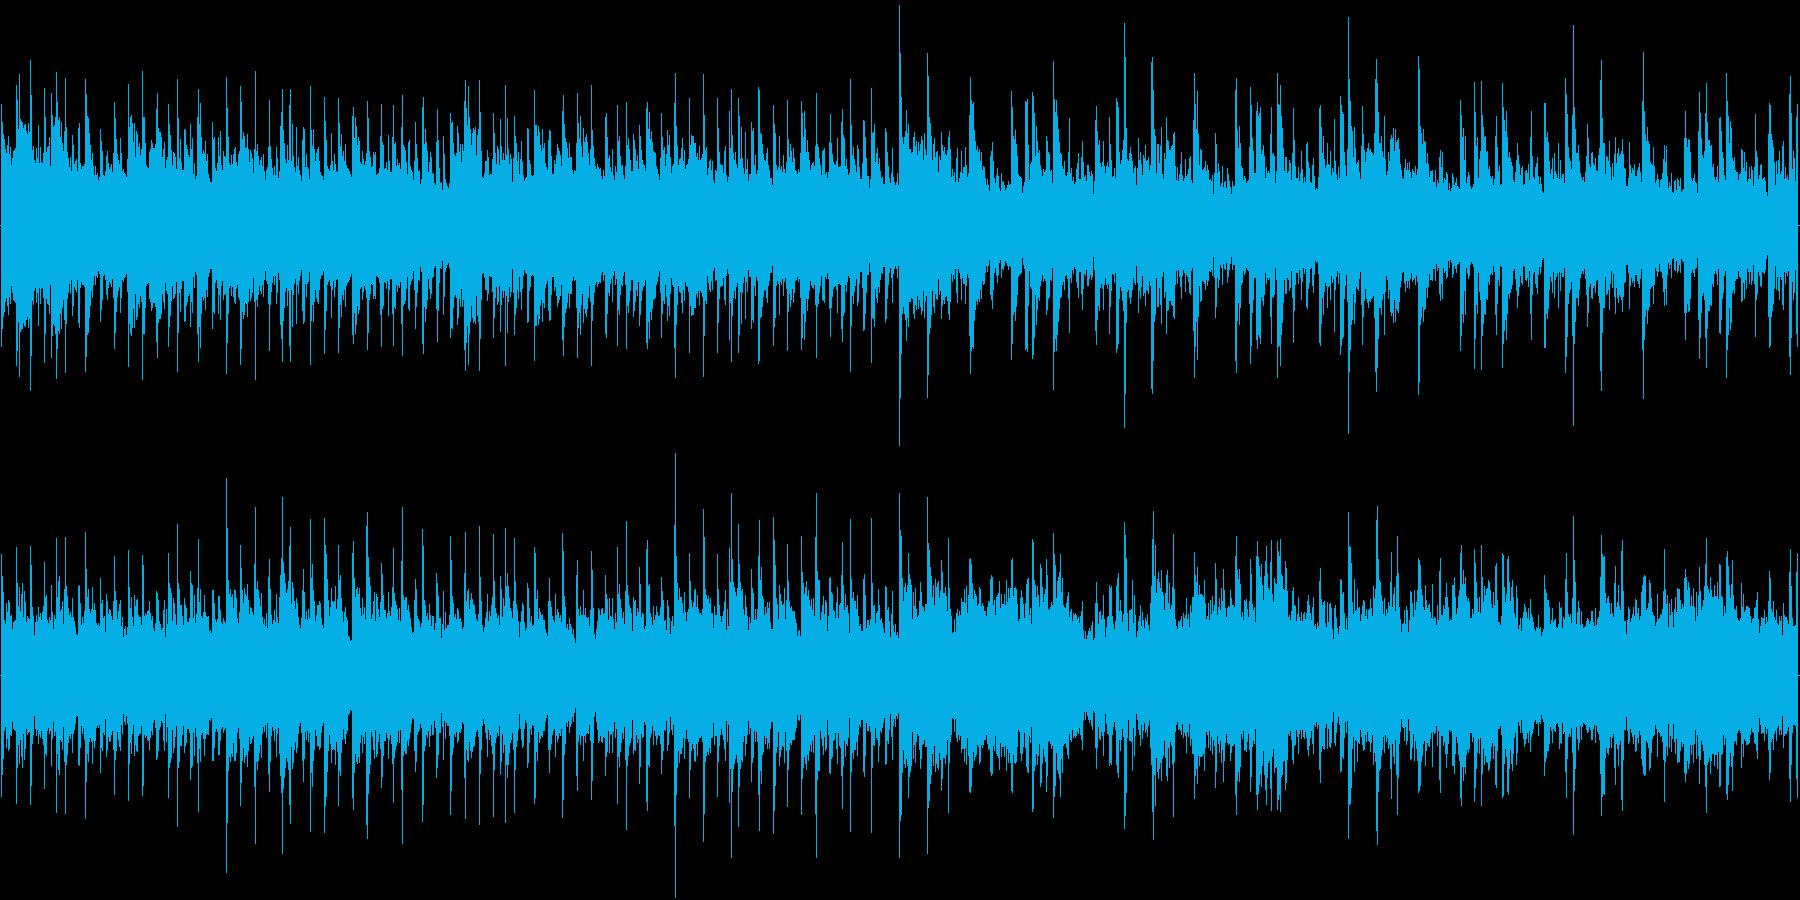 134bpm、E-Maj、16ビート(円の再生済みの波形